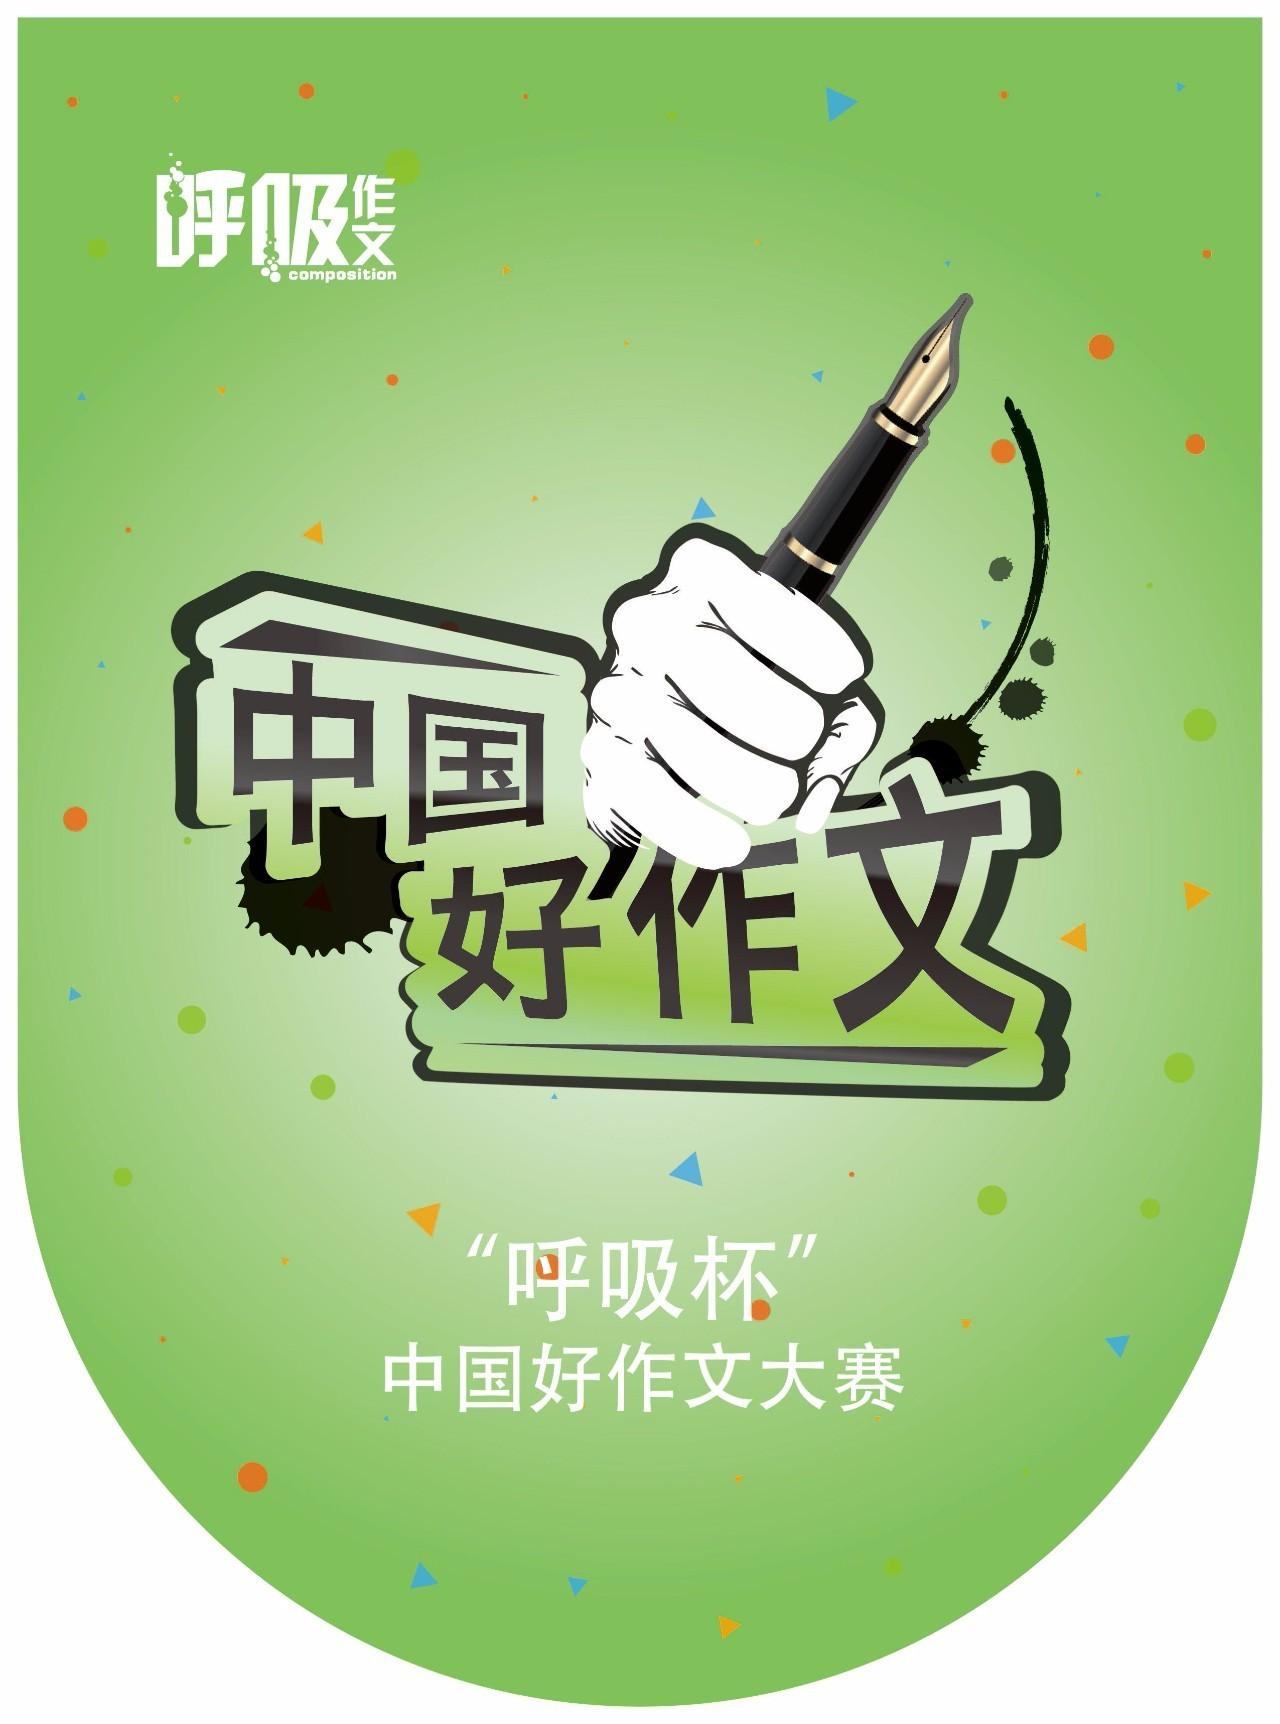 中国好作文_第四届中国好作文大赛即将开始,晋级小秘诀只告诉你!